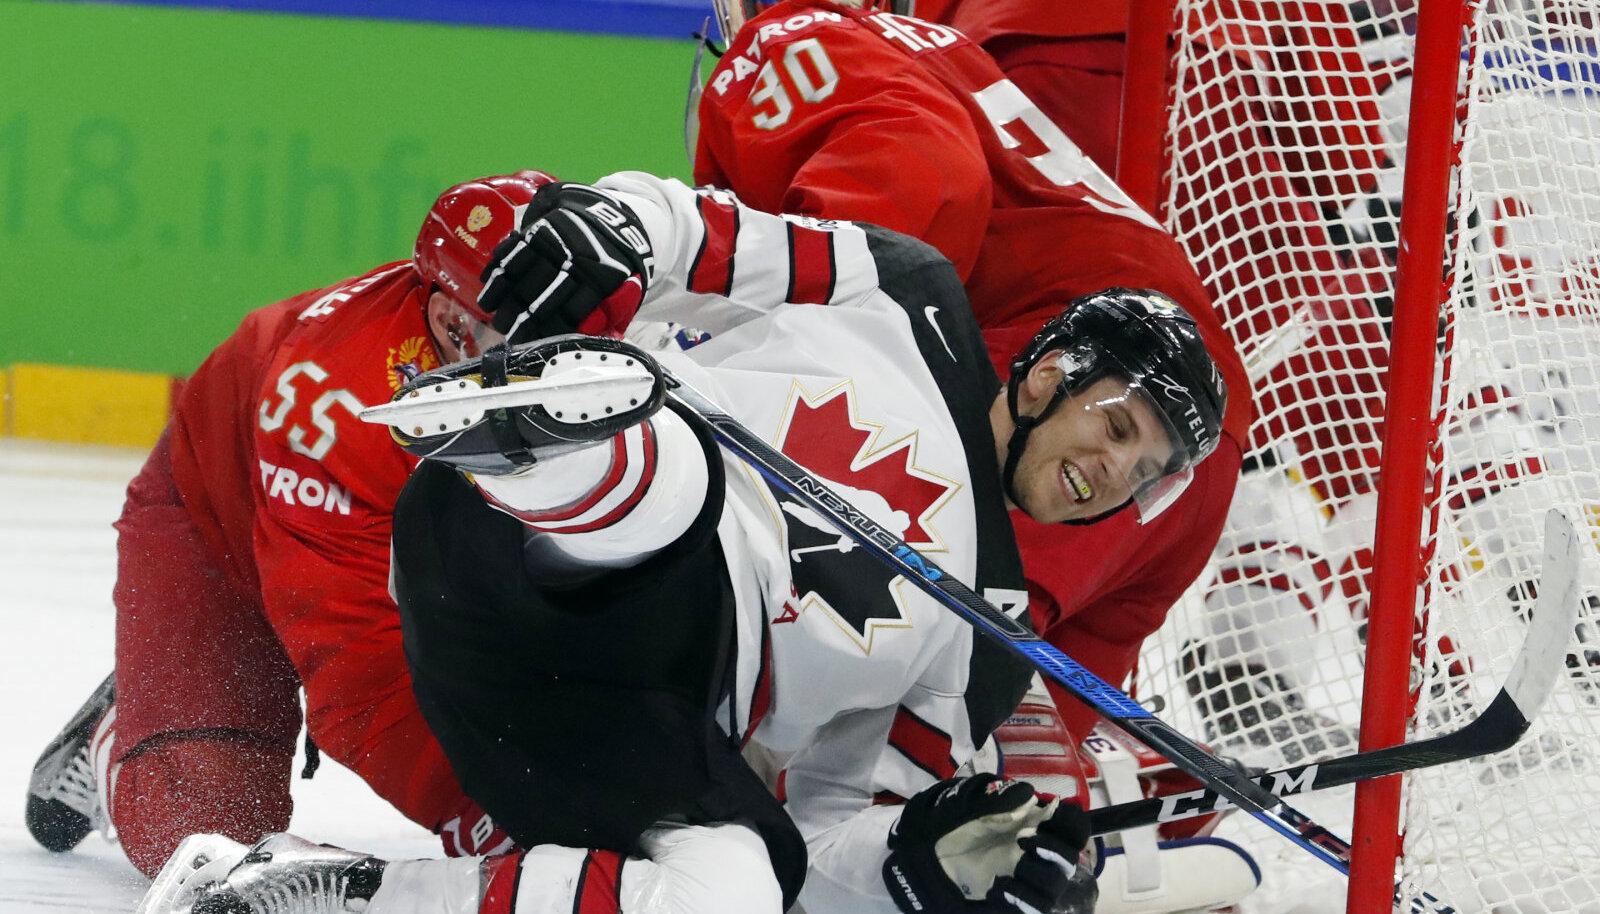 Venemaa vs Kanada